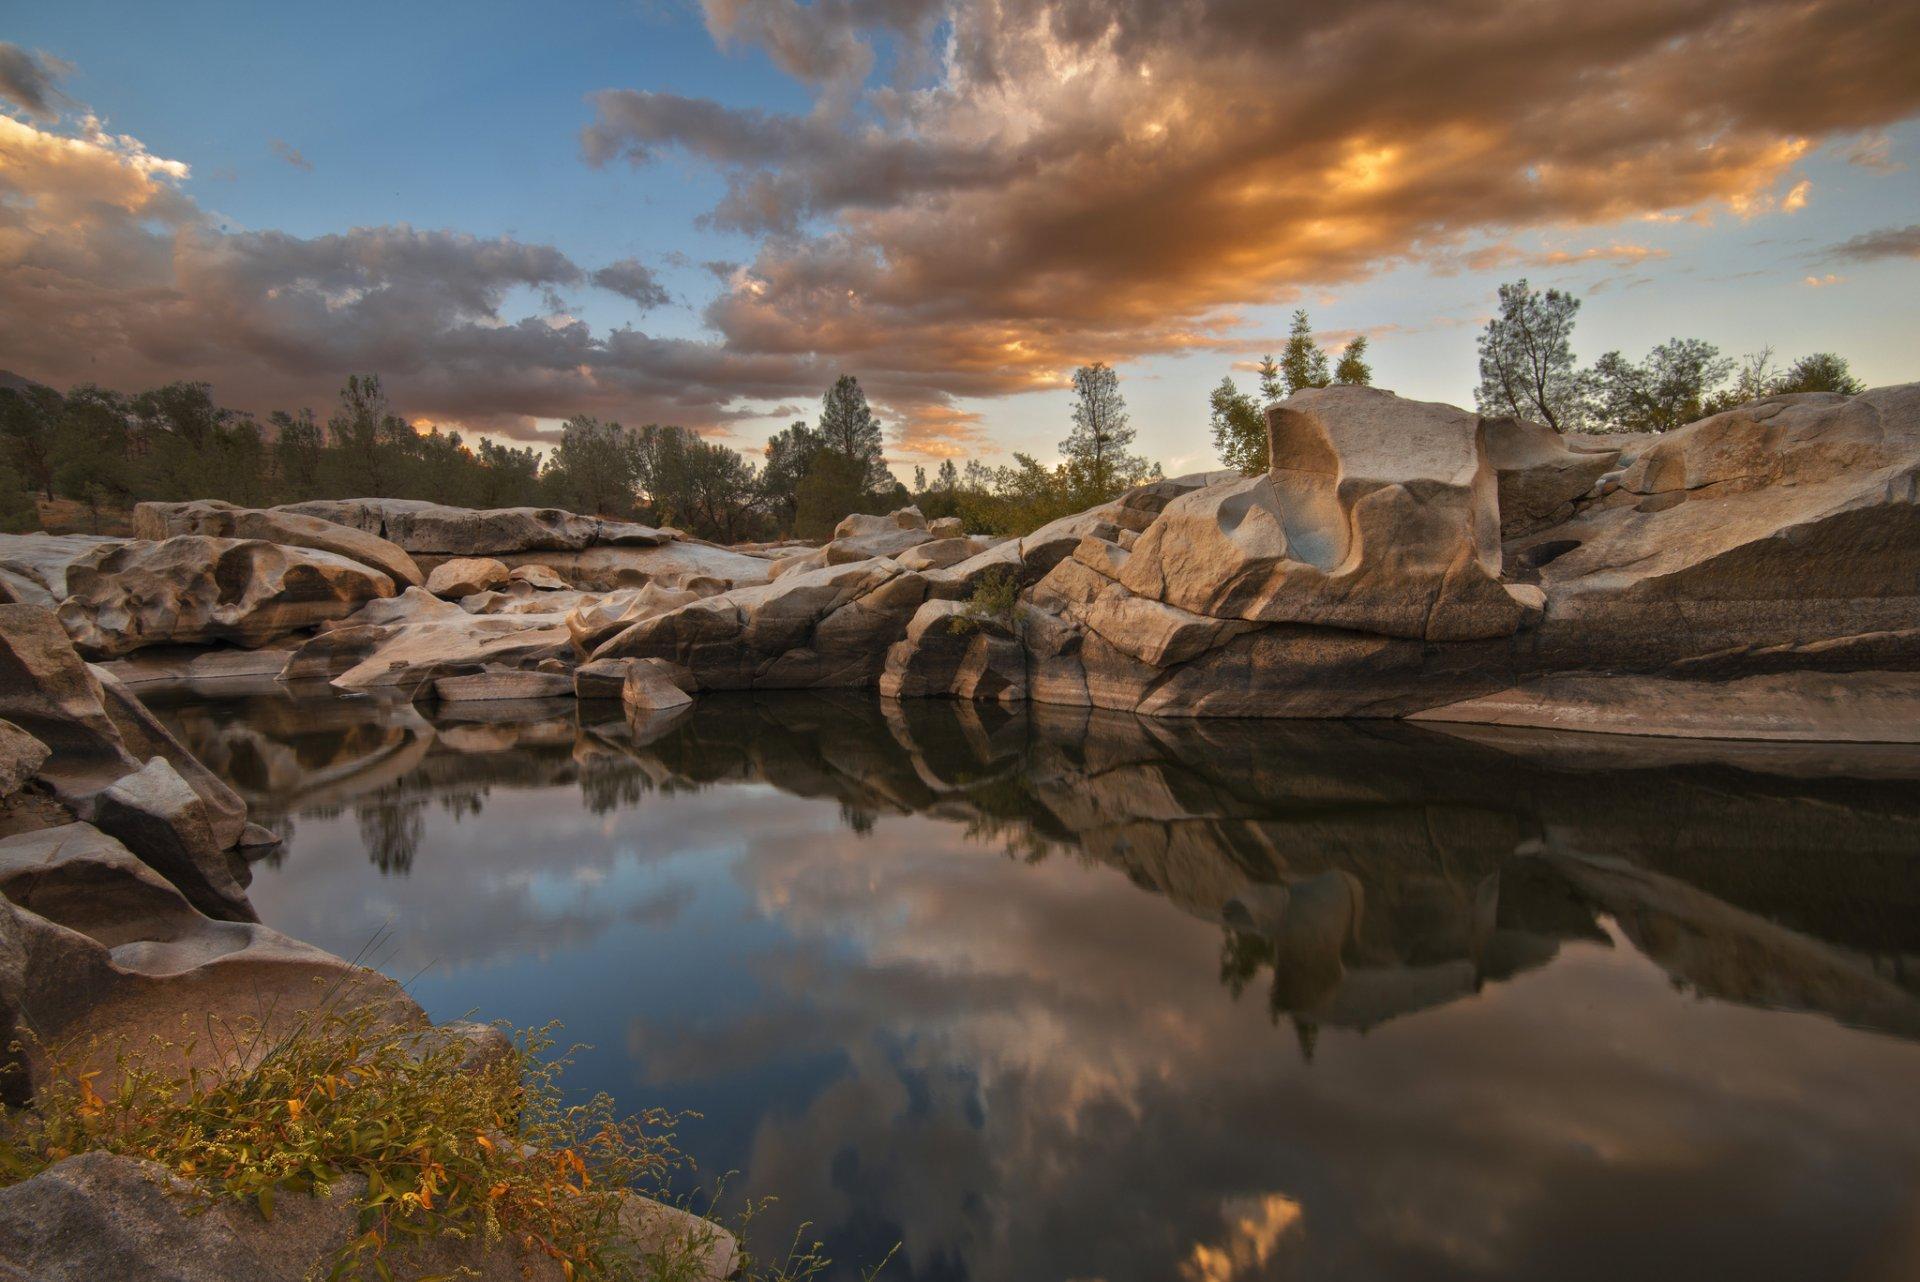 камни озеро сумерки скачать